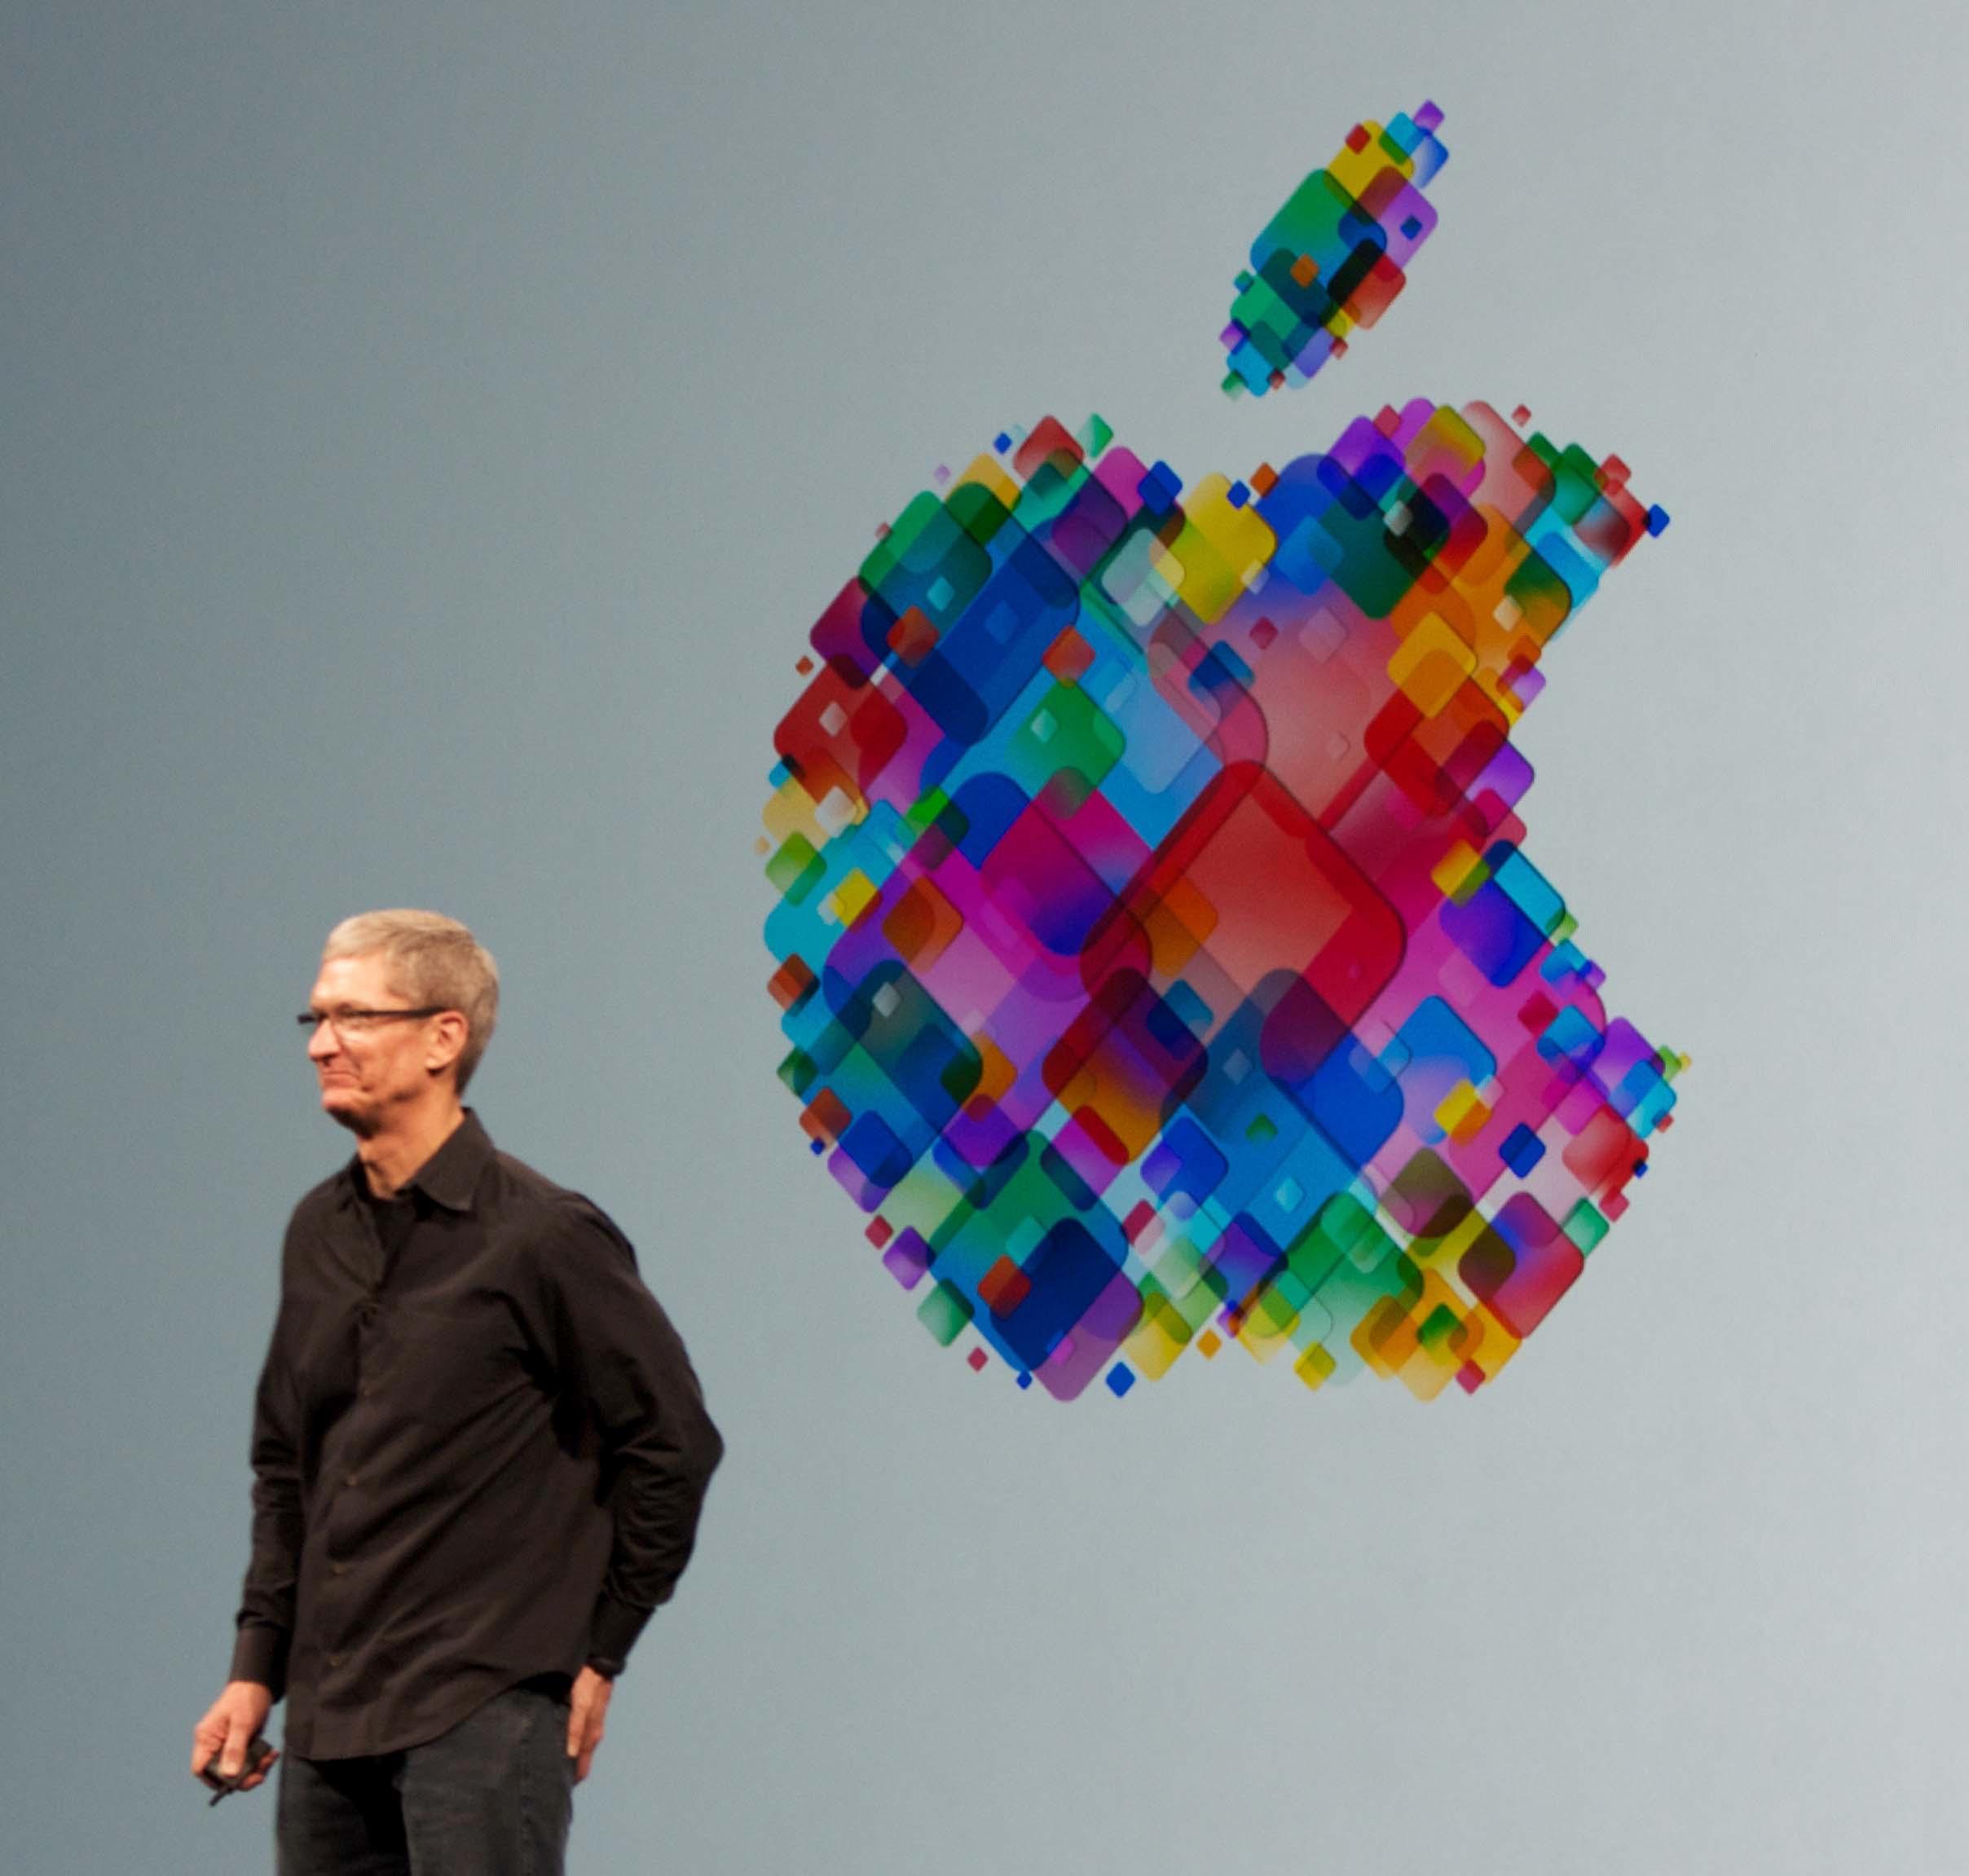 21세기 사람들-05 - 애플의 후예와 AKB 48의 설계자